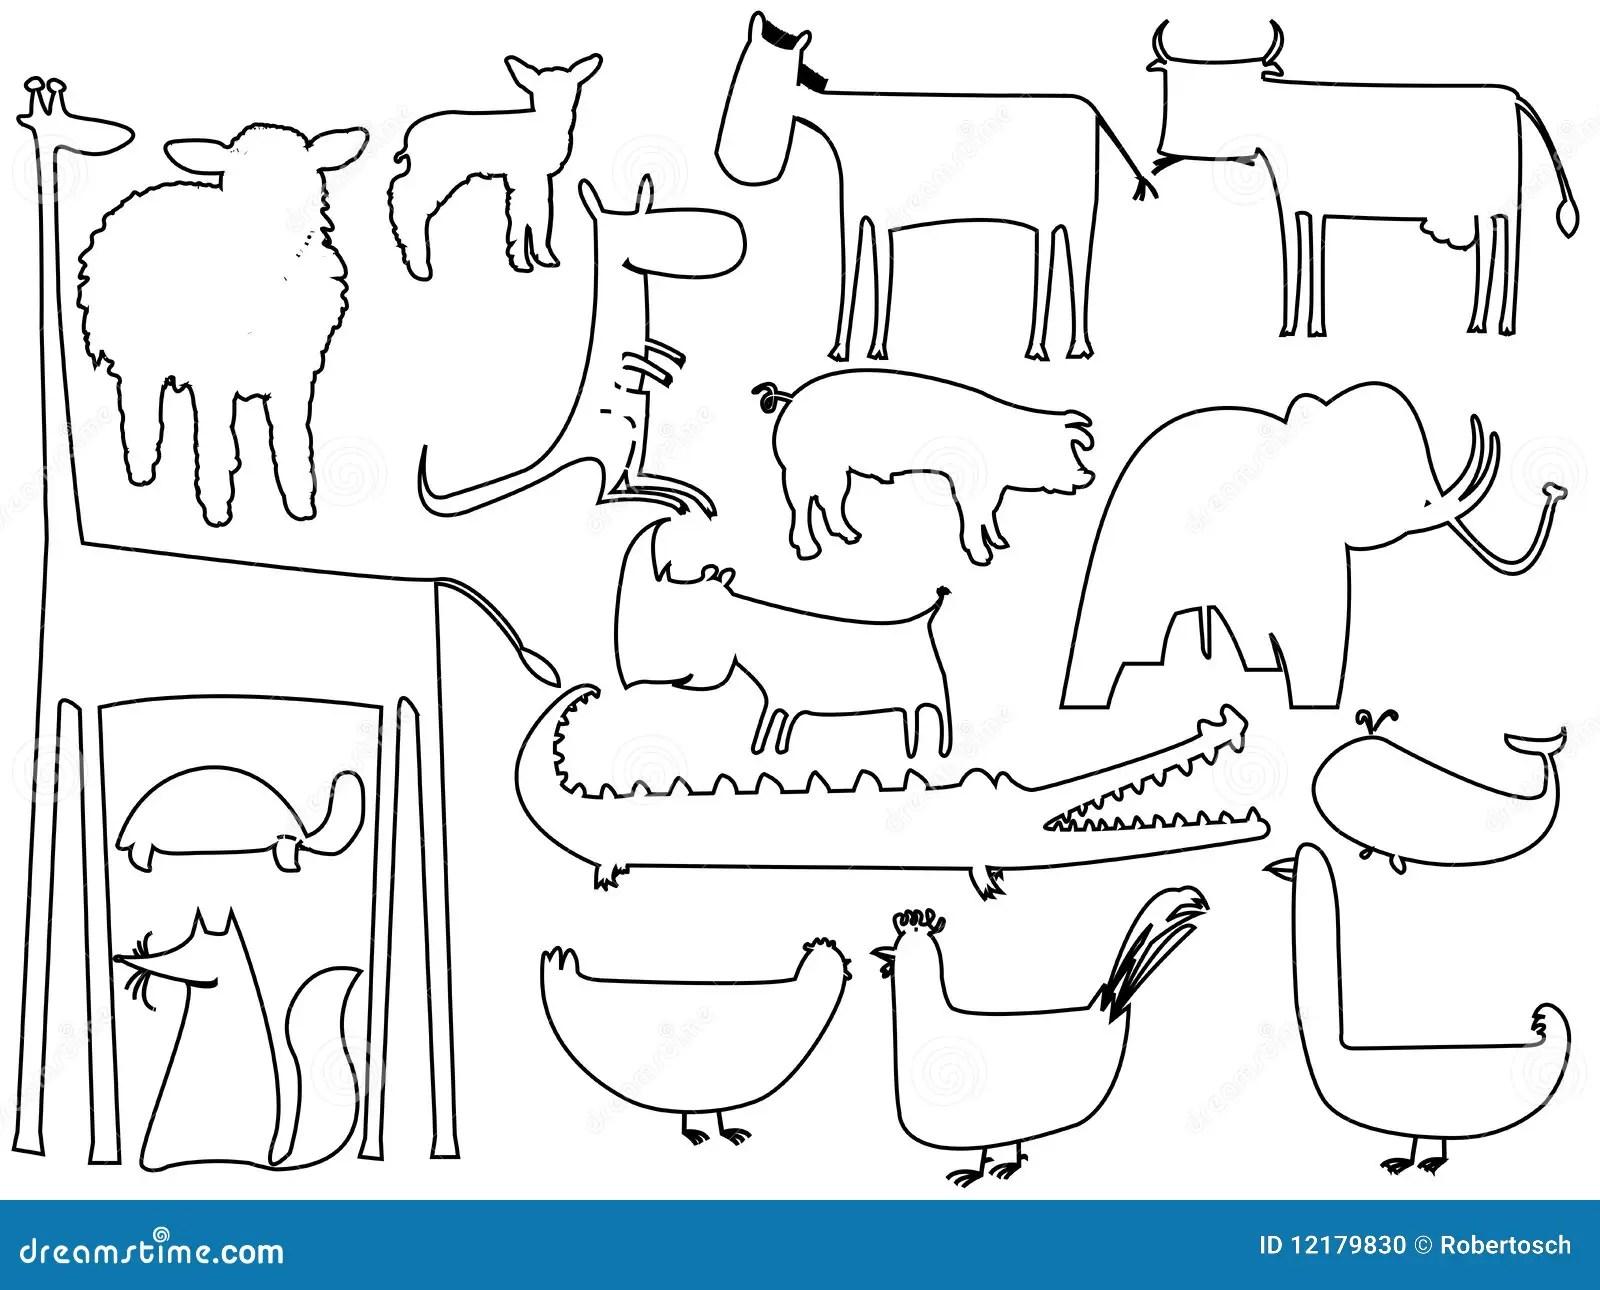 Siluetas Blancos Y Negros Animales En Blanco Ilustracion